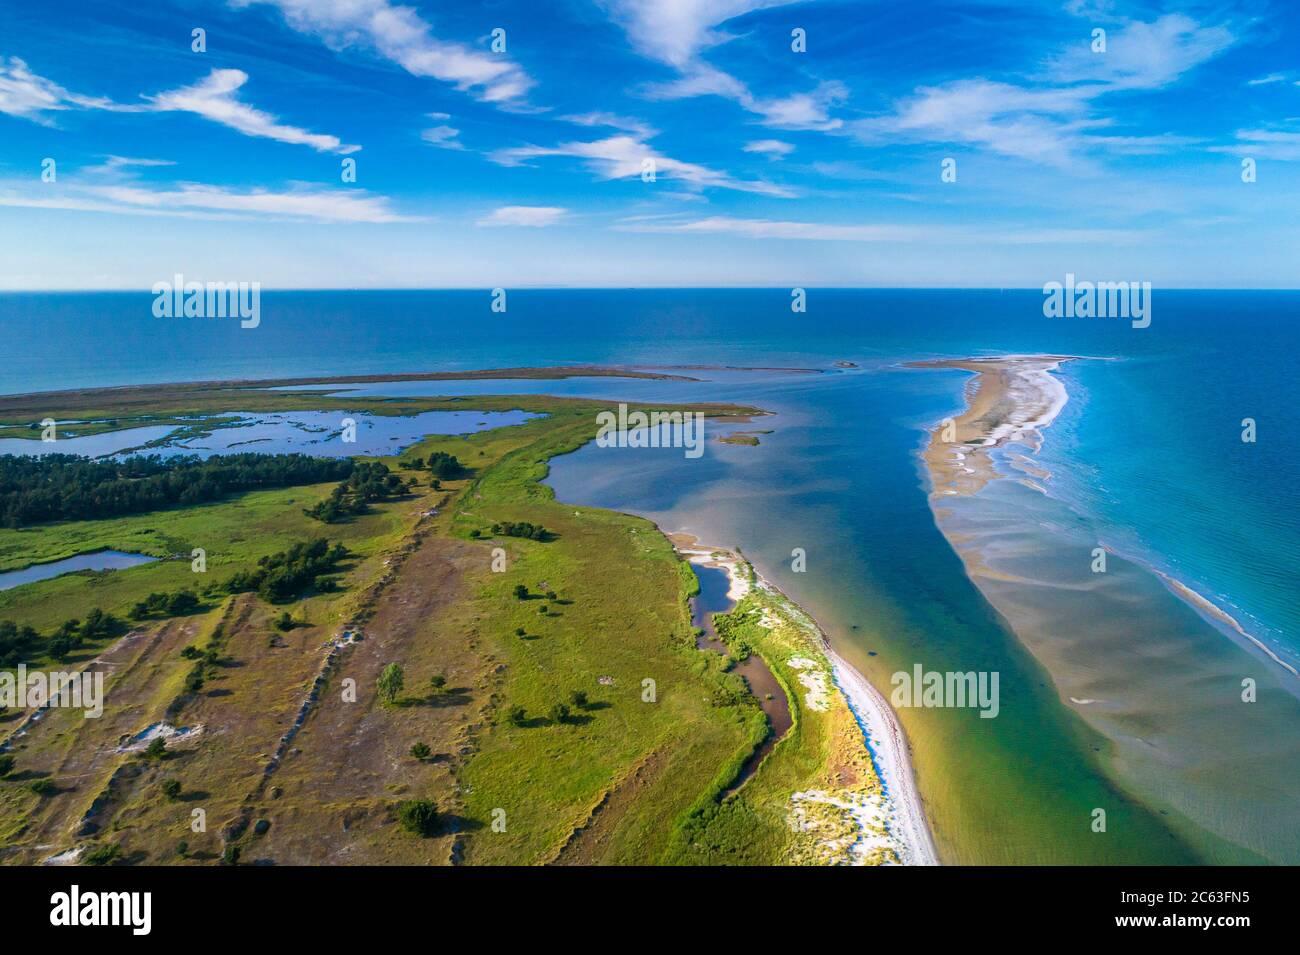 Mar Báltico, Alemania, Mecklemburgo-Pomerania Occidental, Darß, Prerow, vista de la costa del mar Foto de stock